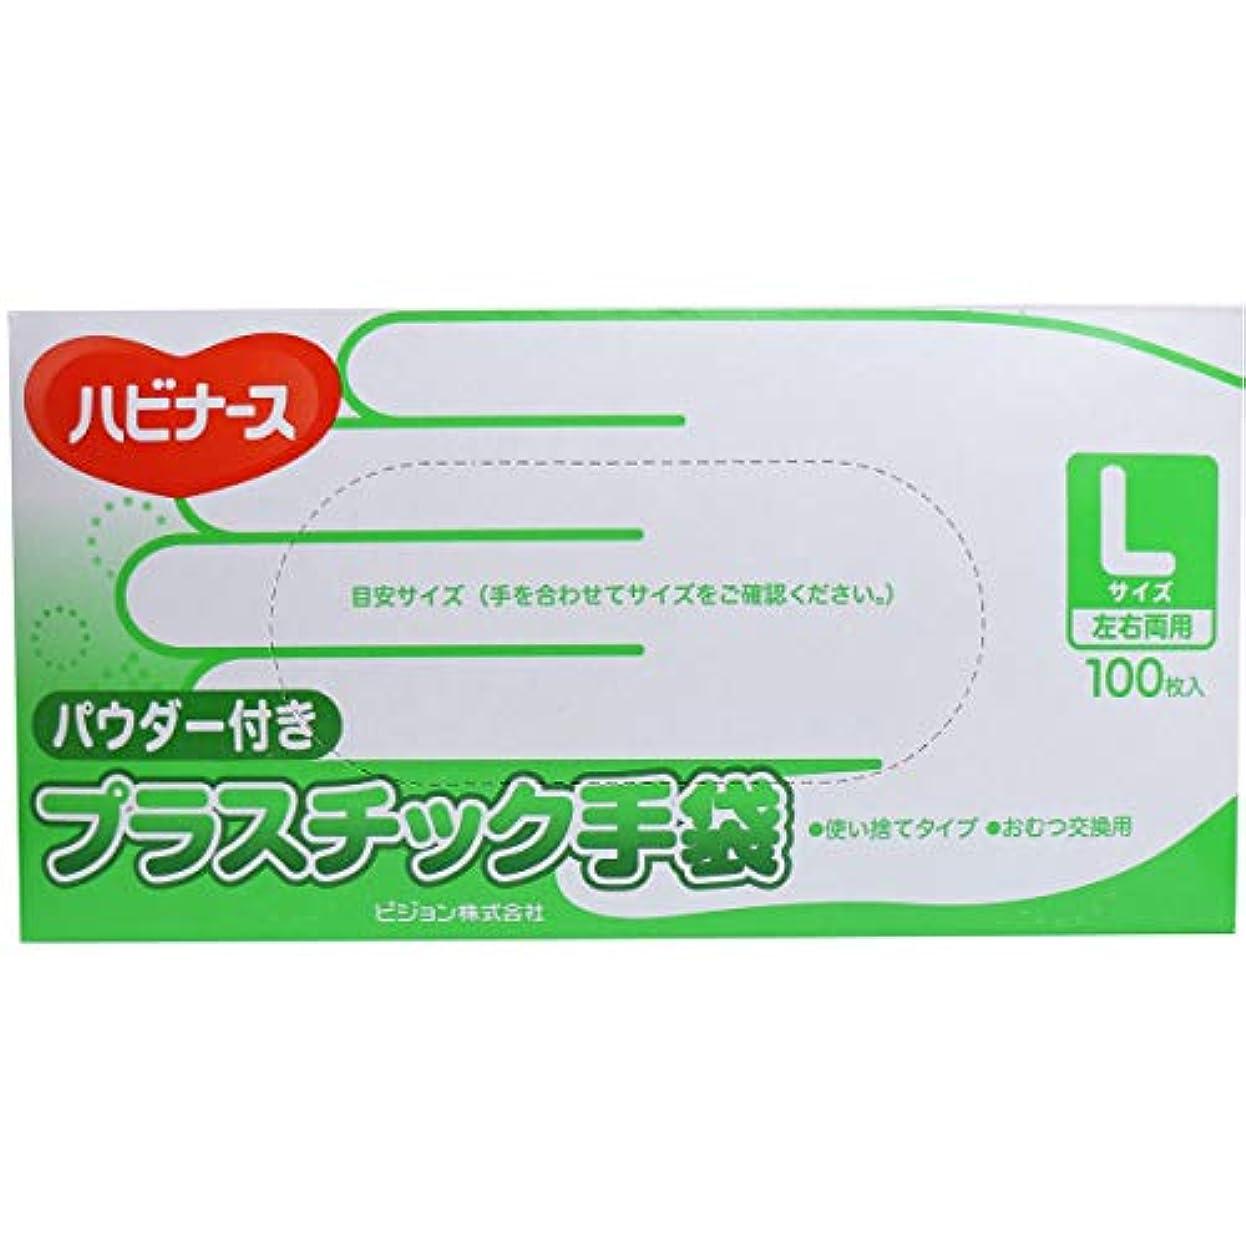 石膏サークルサイクロプスハビナース プラスチック手袋 パウダー付き Lサイズ 100枚入×2個セット